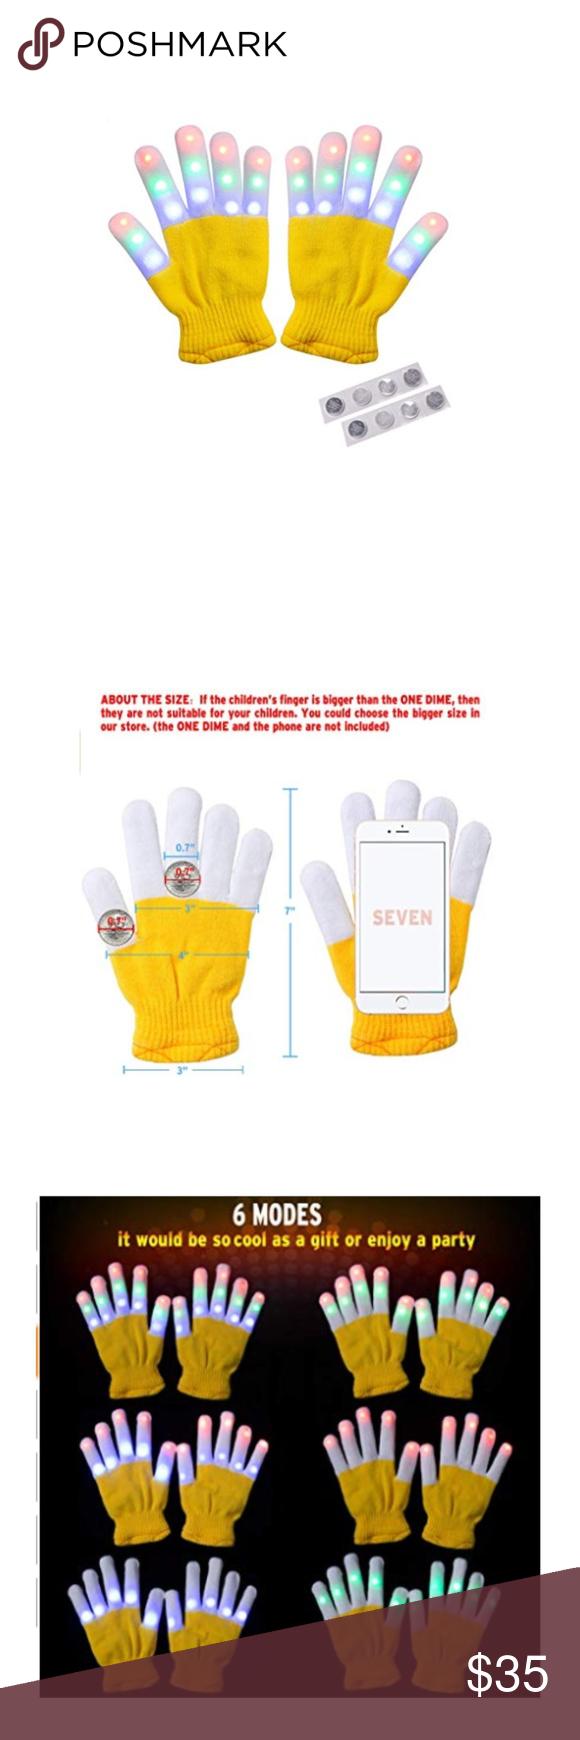 Yellow Led Warm Gloves EXTRA BONUS Extra Set of 4